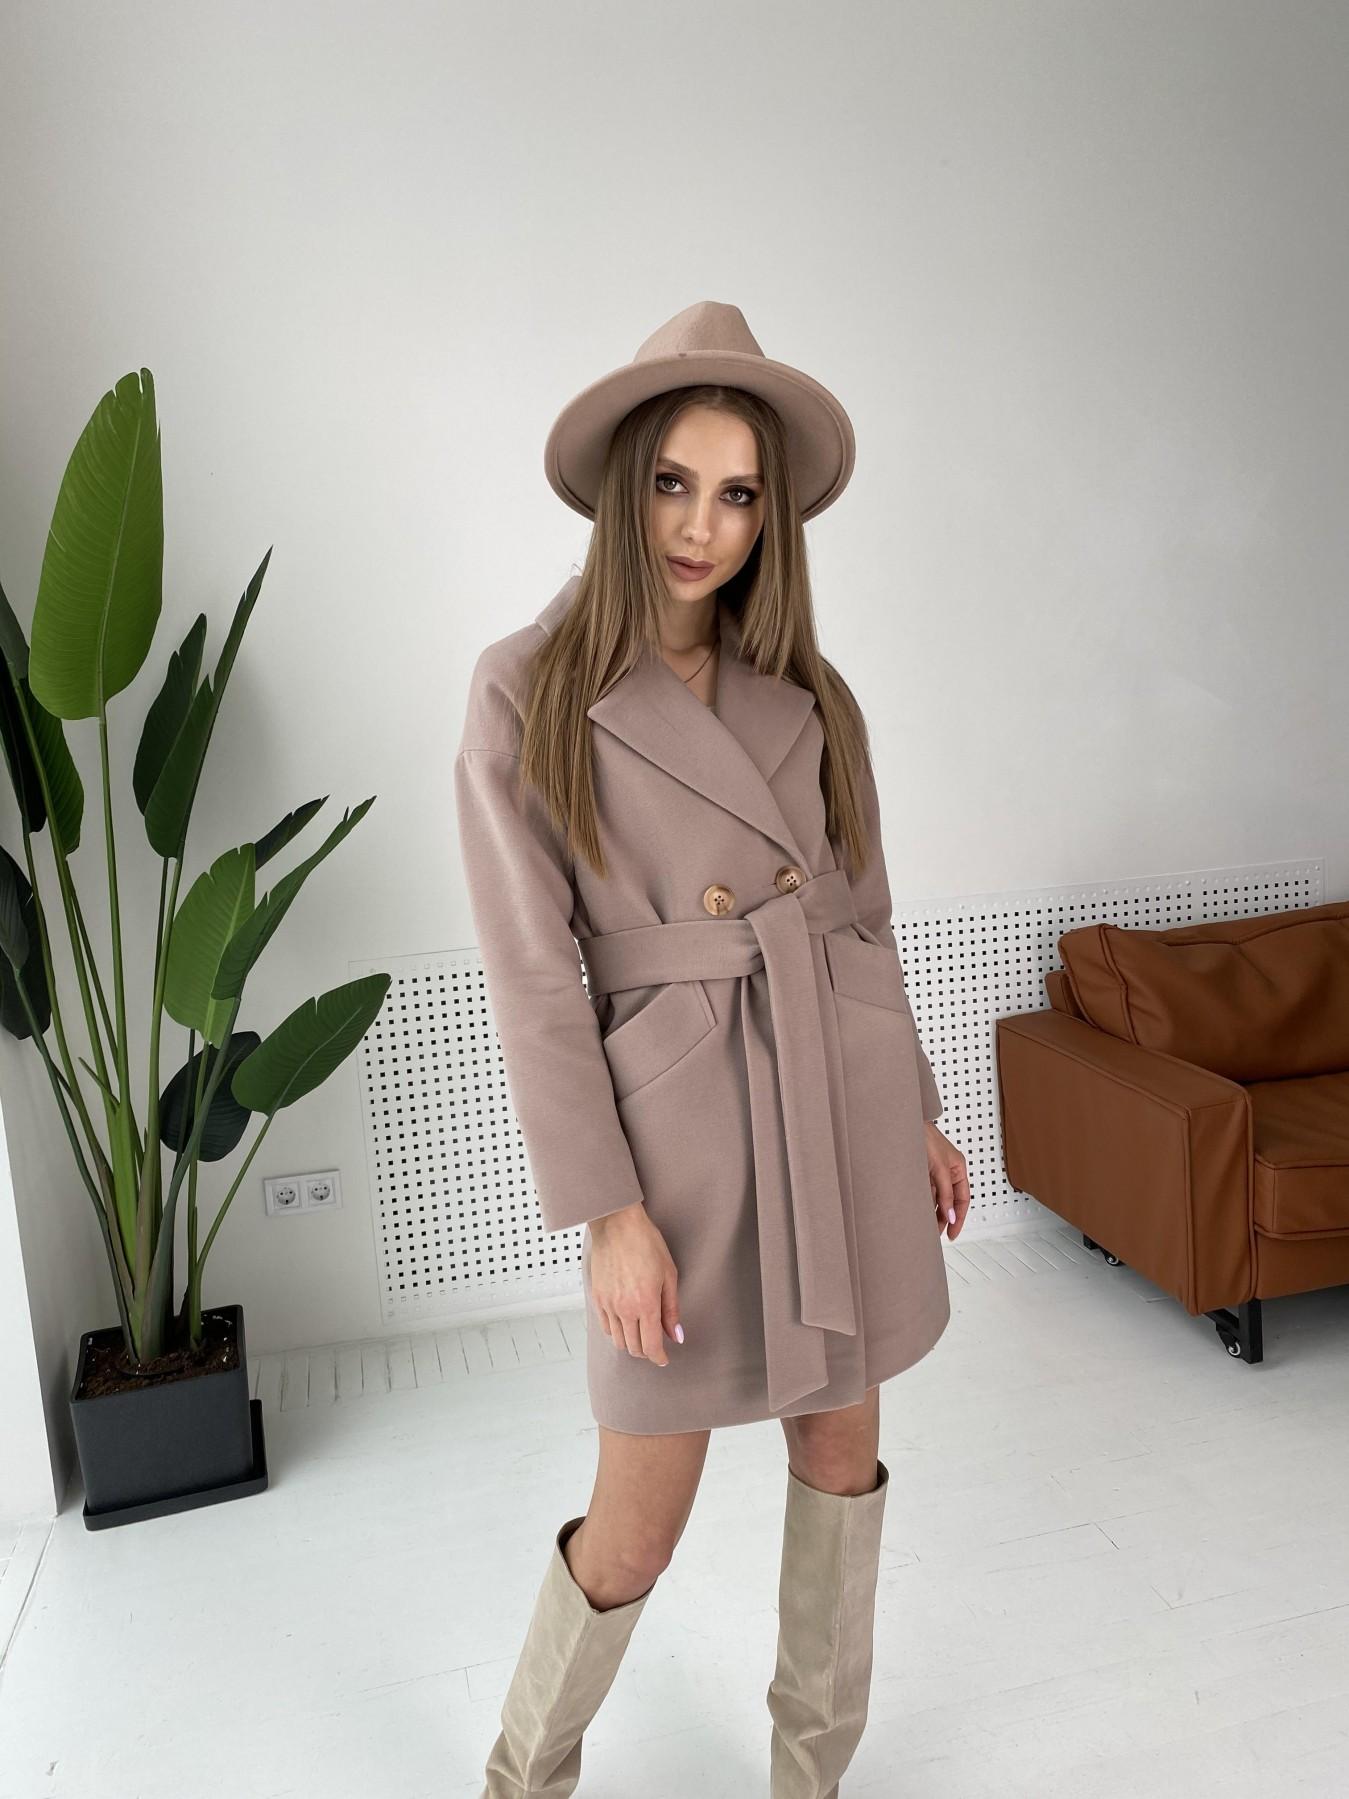 Сенсей пальто  из гладкого кашемира 10905 АРТ. 47372 Цвет: Кофе - фото 3, интернет магазин tm-modus.ru